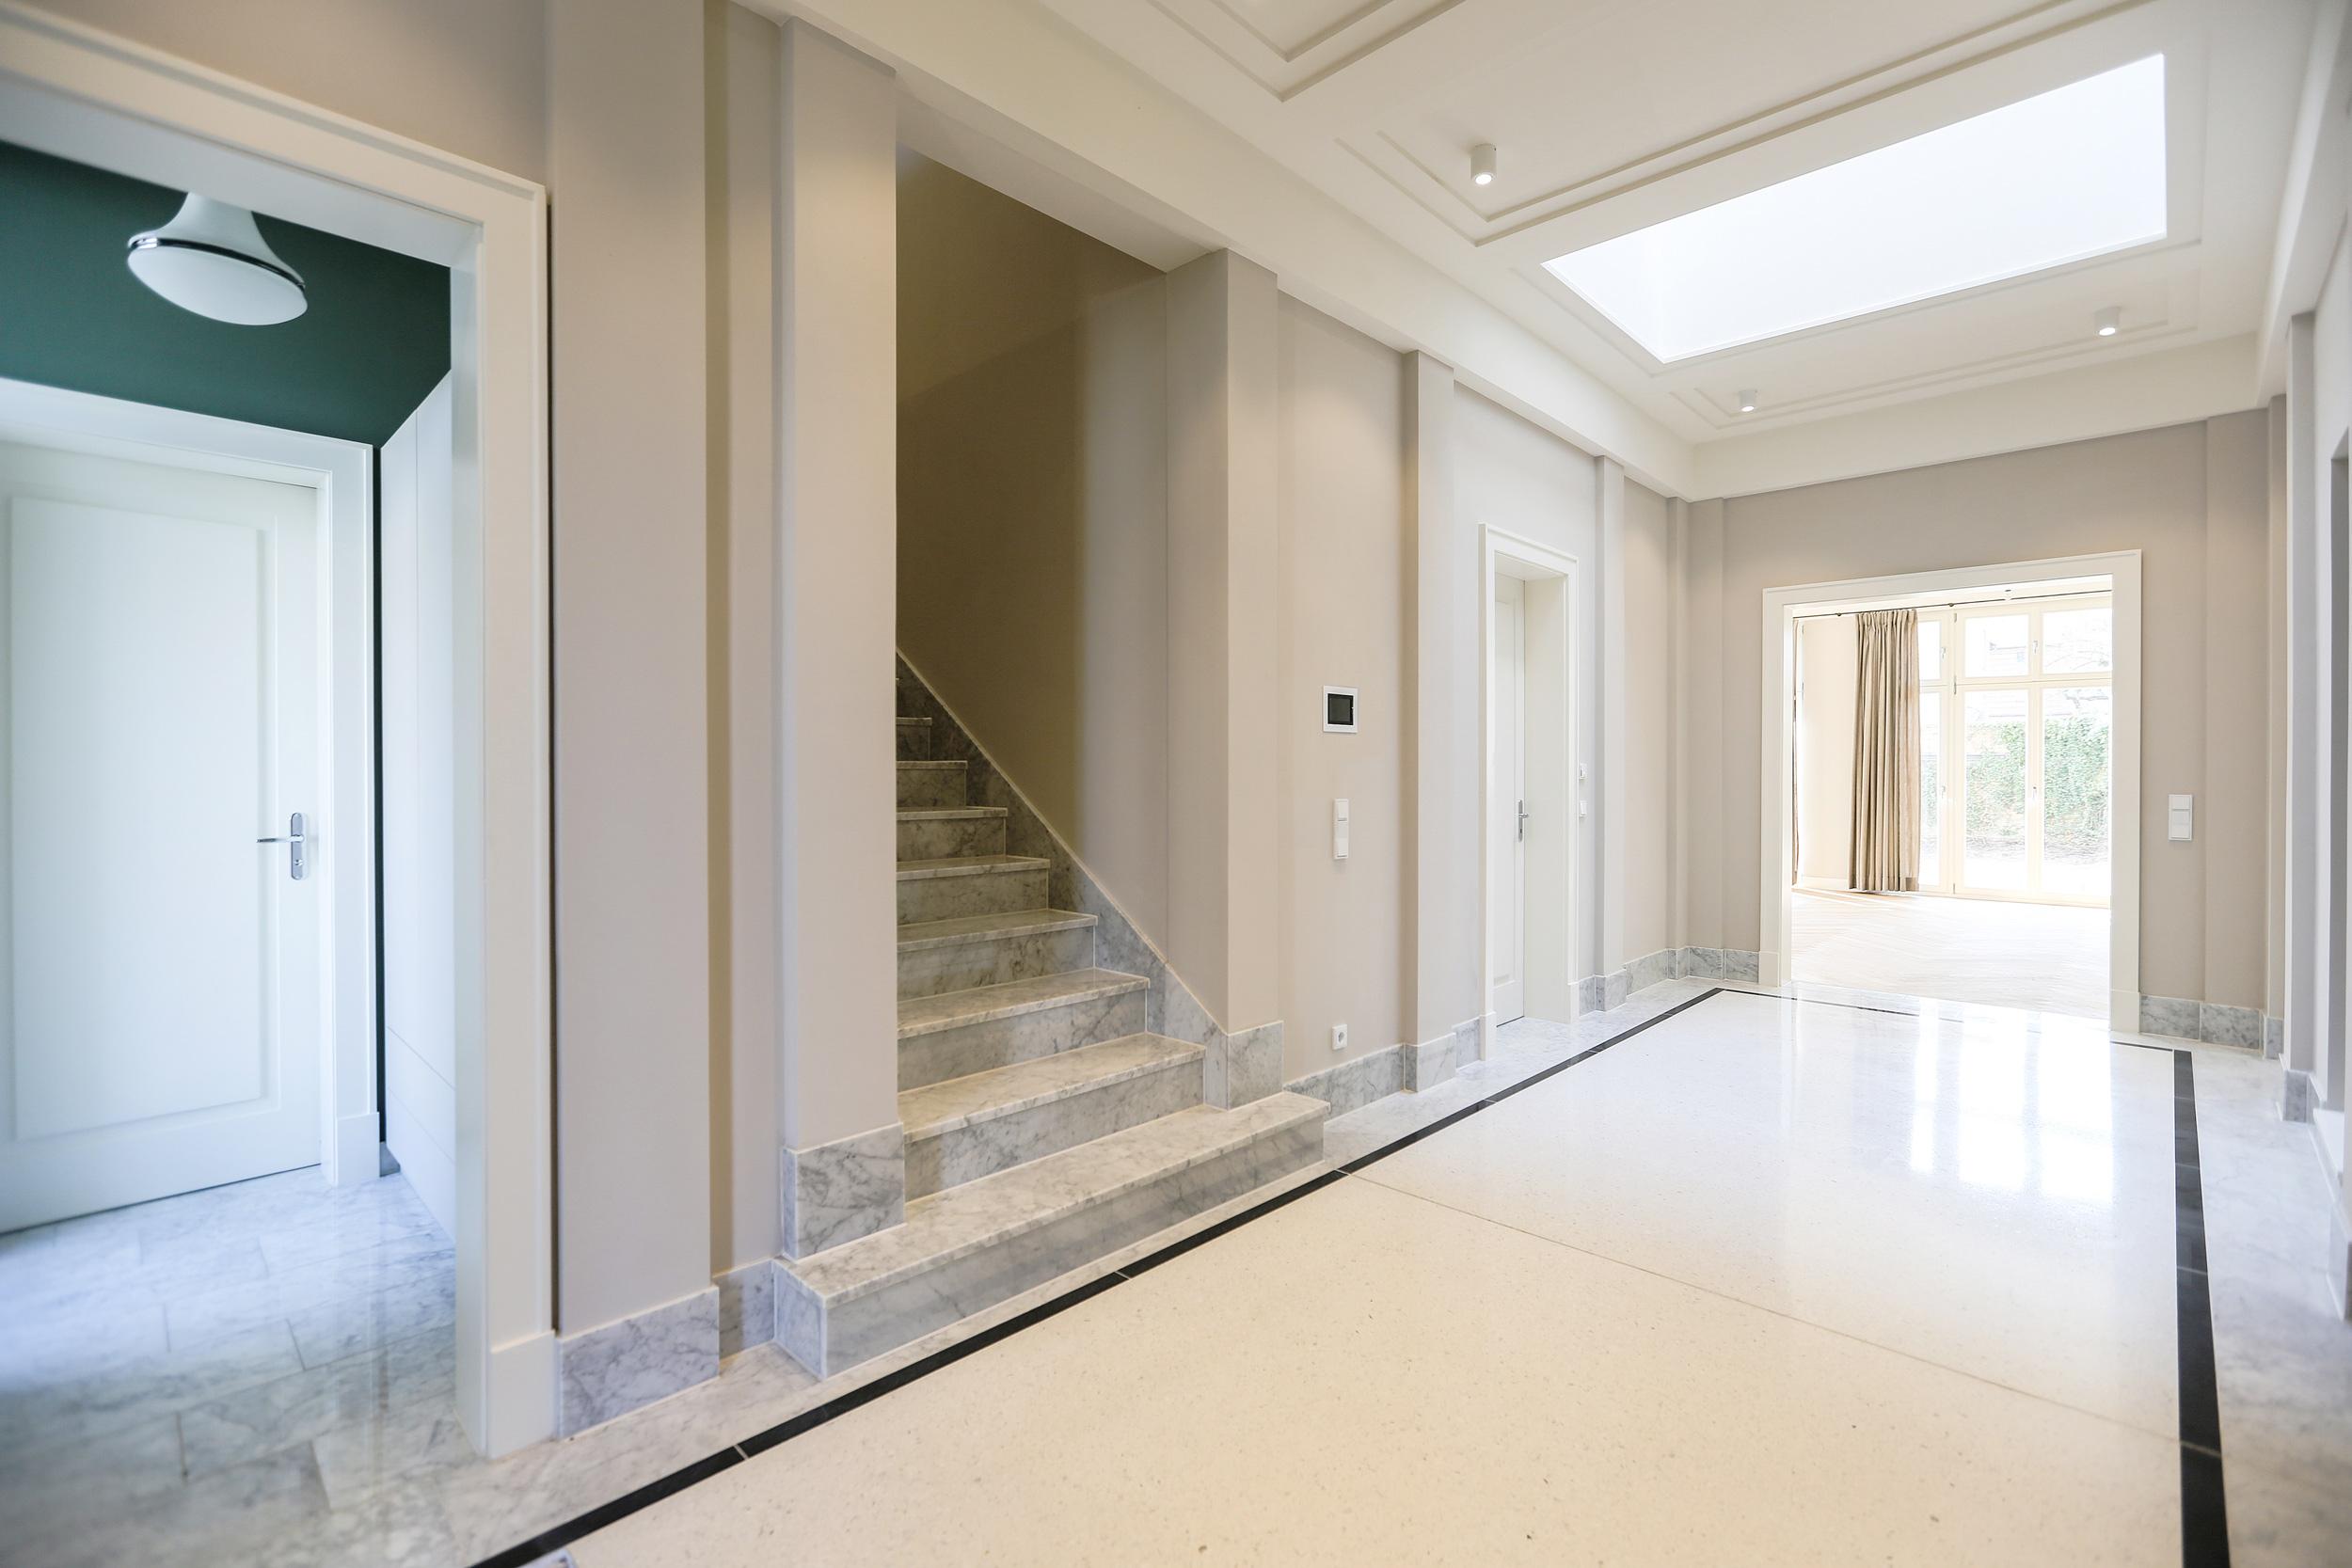 Neubau einer Villa im Klassik-Stil in Potsdam - Die großzügige Eingangshalle wurde mit italienischem Terrazzo und profilierten Deckenkassetten gestaltet.